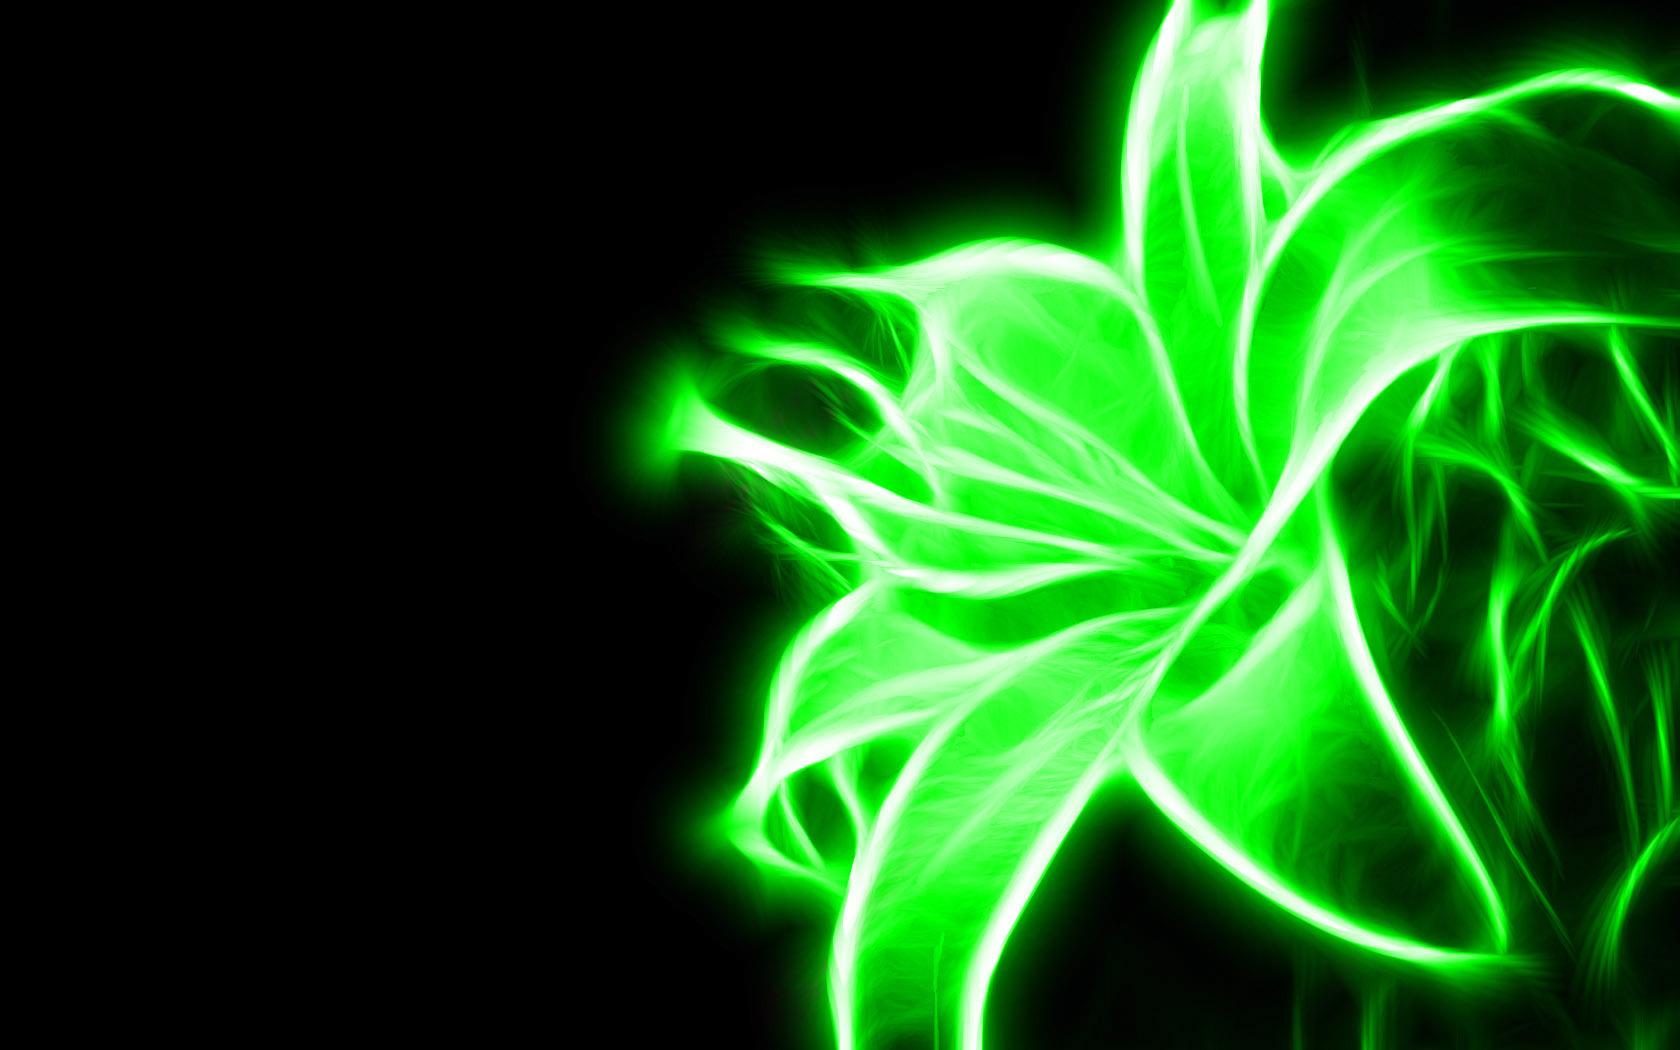 Neon Wallpaper 1680x1050 35592